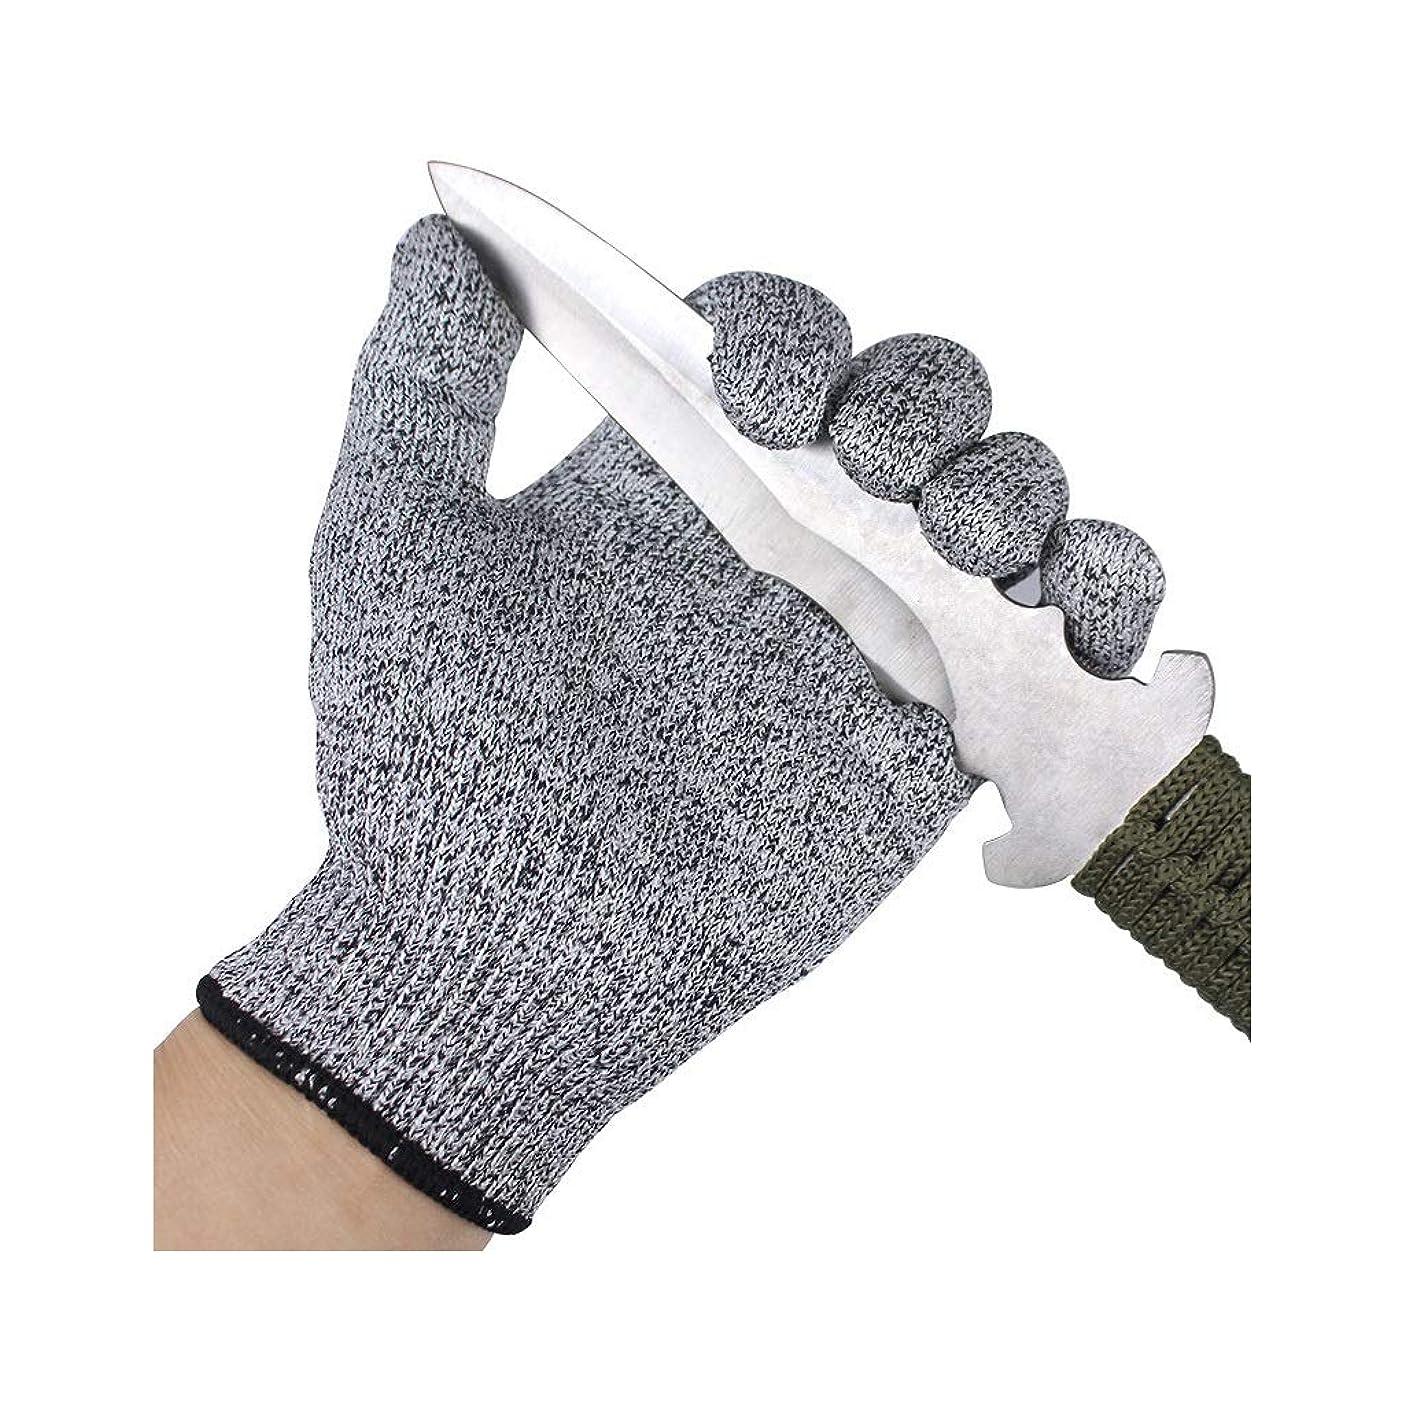 耐カット手袋 安全のためのカットプルーフ手袋、調理、切断またはスライス、男性と女性のための理想的なキッチングローブ、食品グレード、軽量で柔軟 (Size : XS)